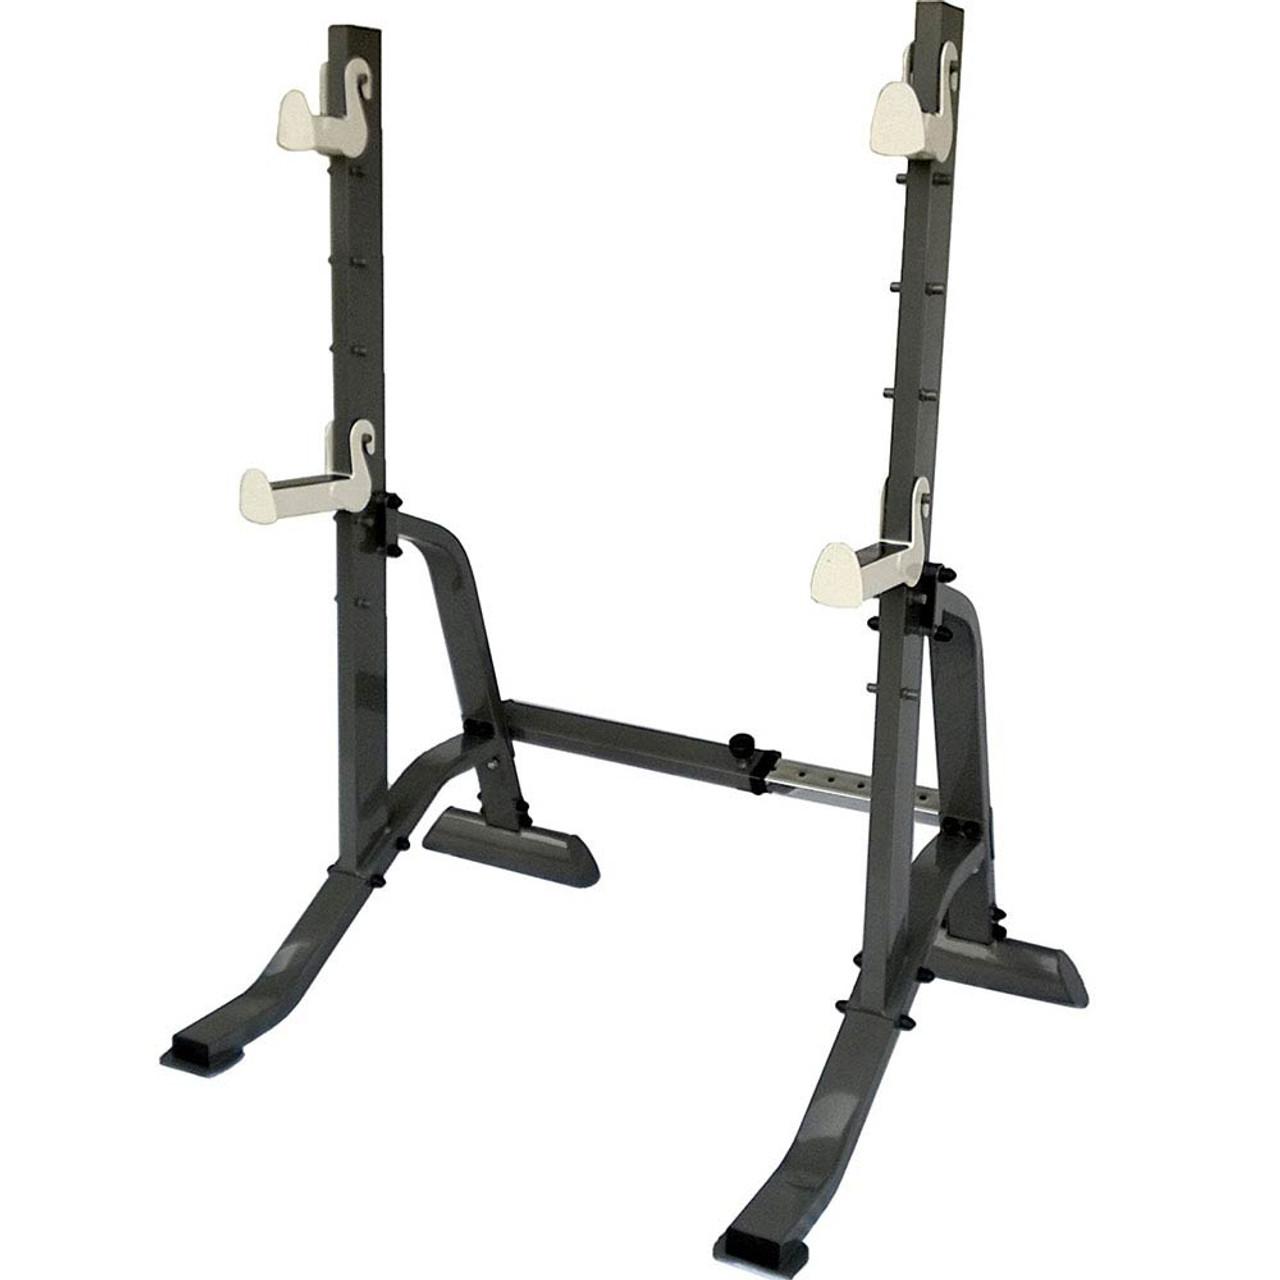 Weight Rack Walmart: Marcy Adjustable Squat Rack